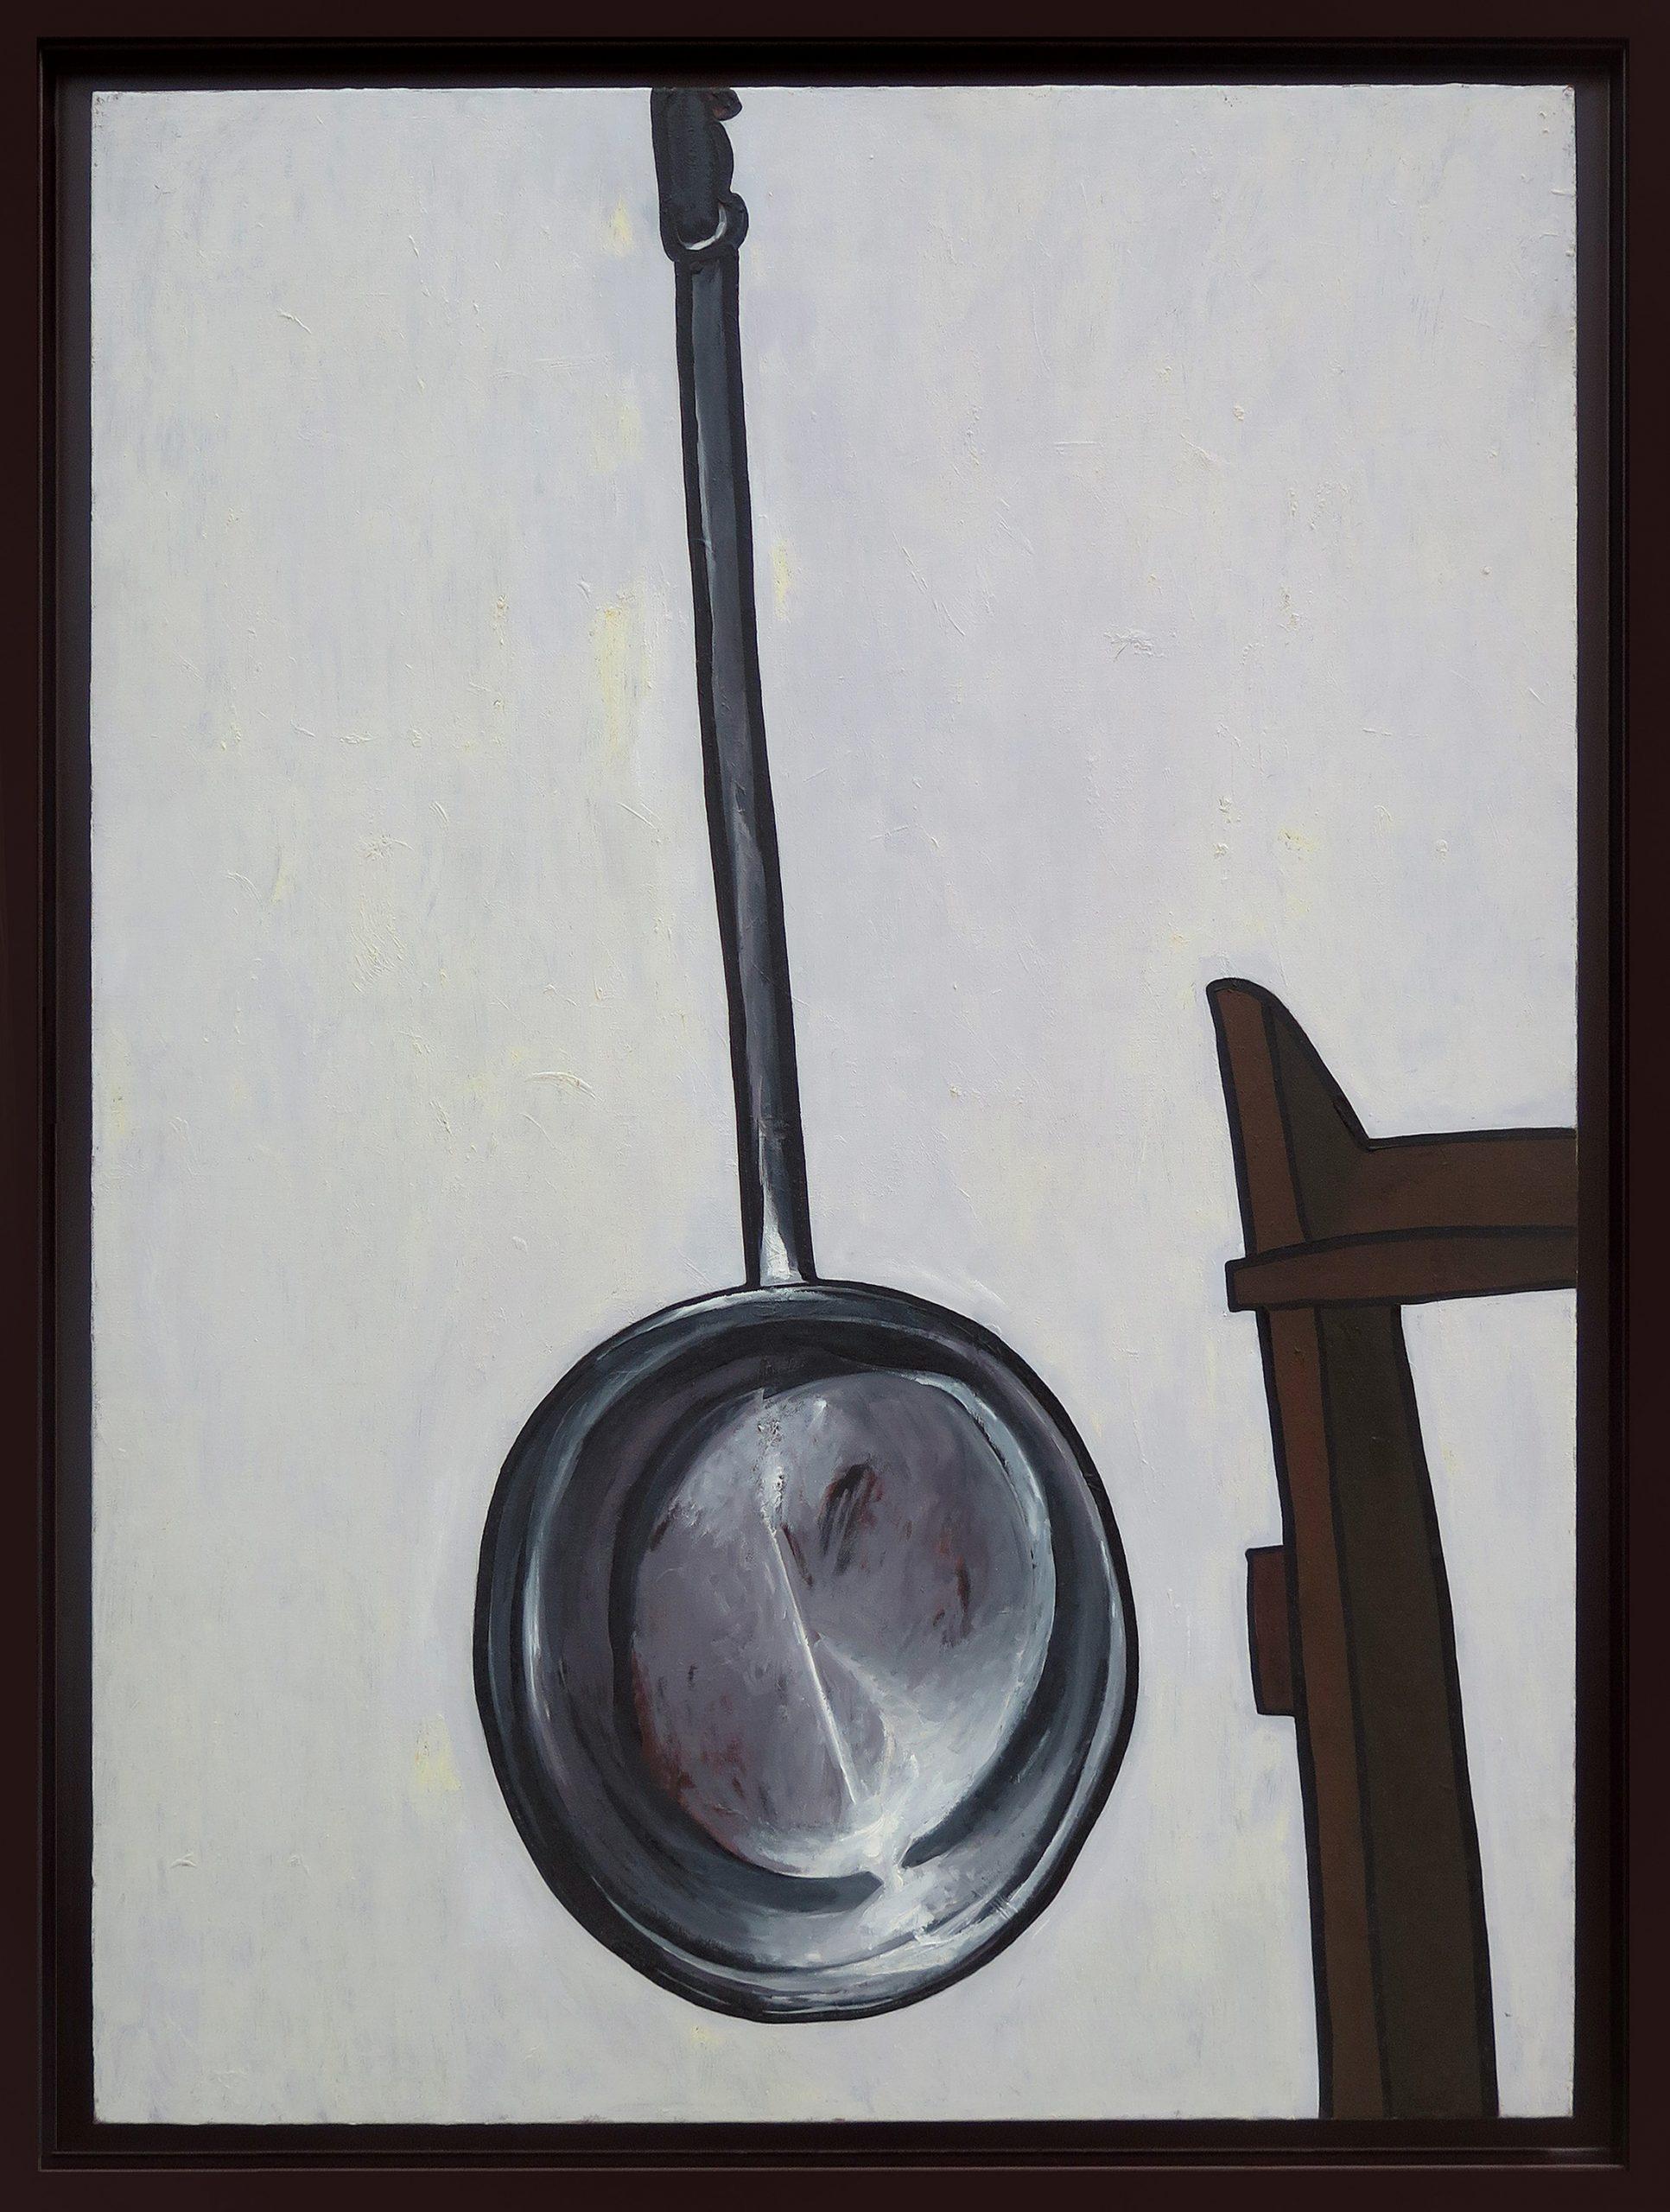 Artefacto 26, óleo sobre tela, 100 x 73,5 cm, 2006